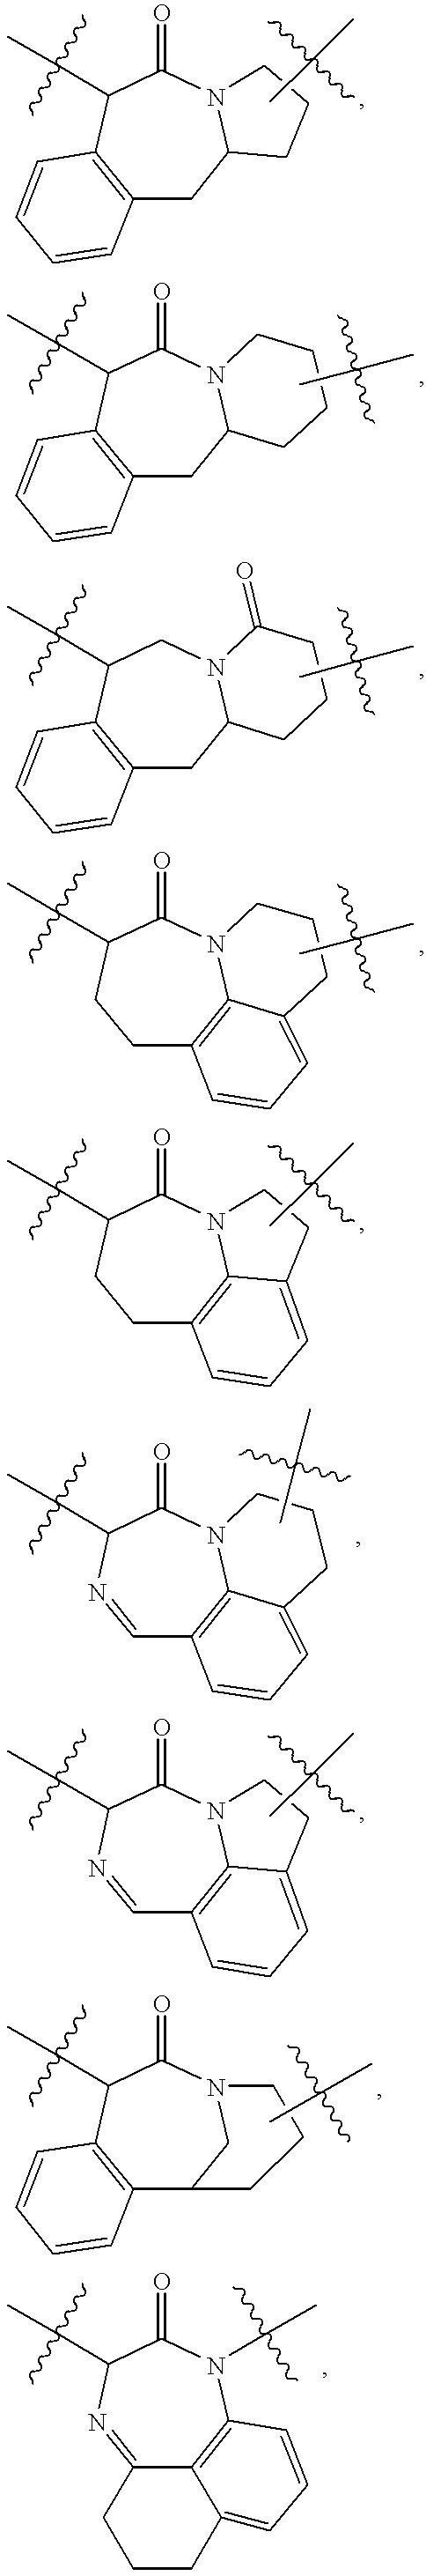 Figure US20020055501A1-20020509-C00035